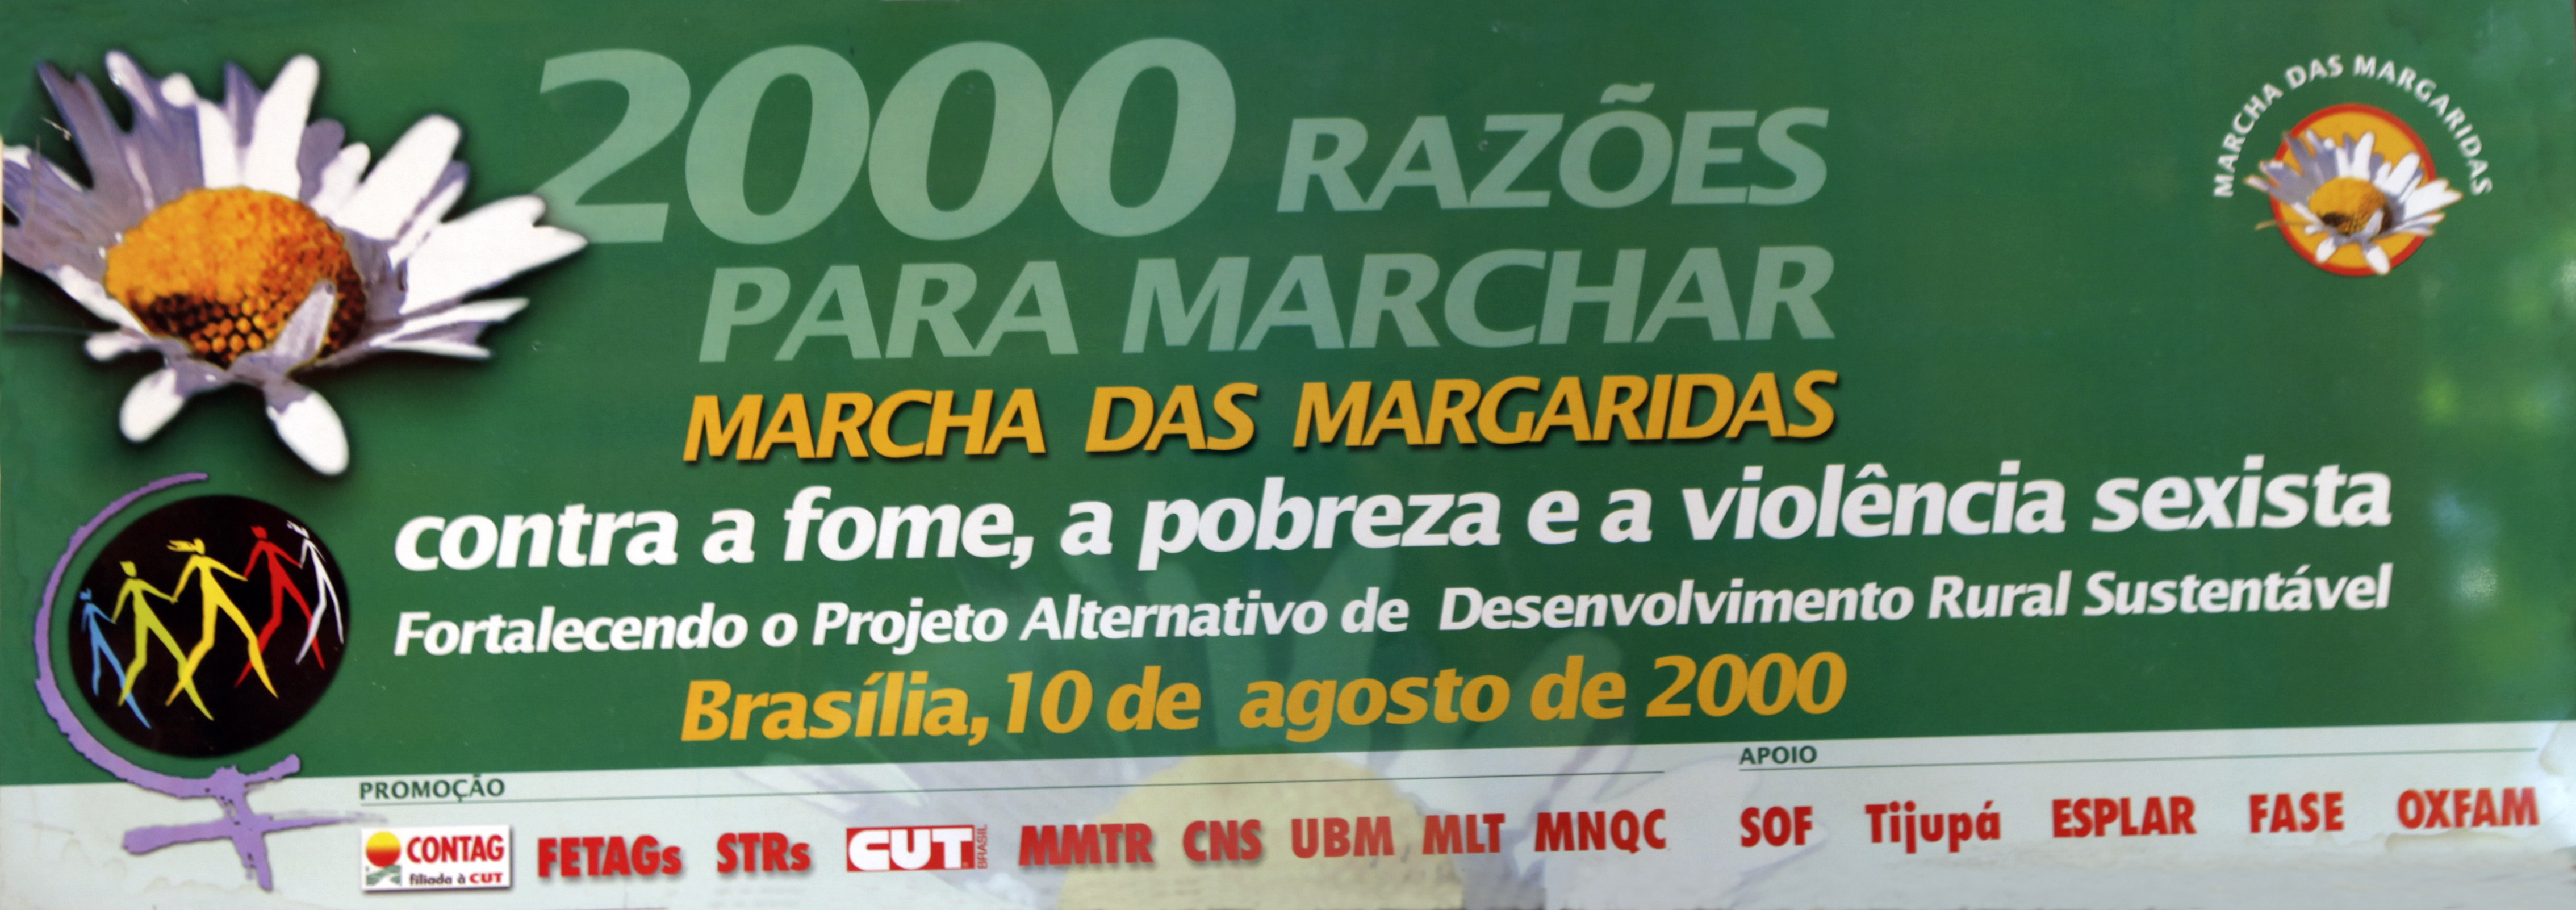 Cartaz-Marcha-2000